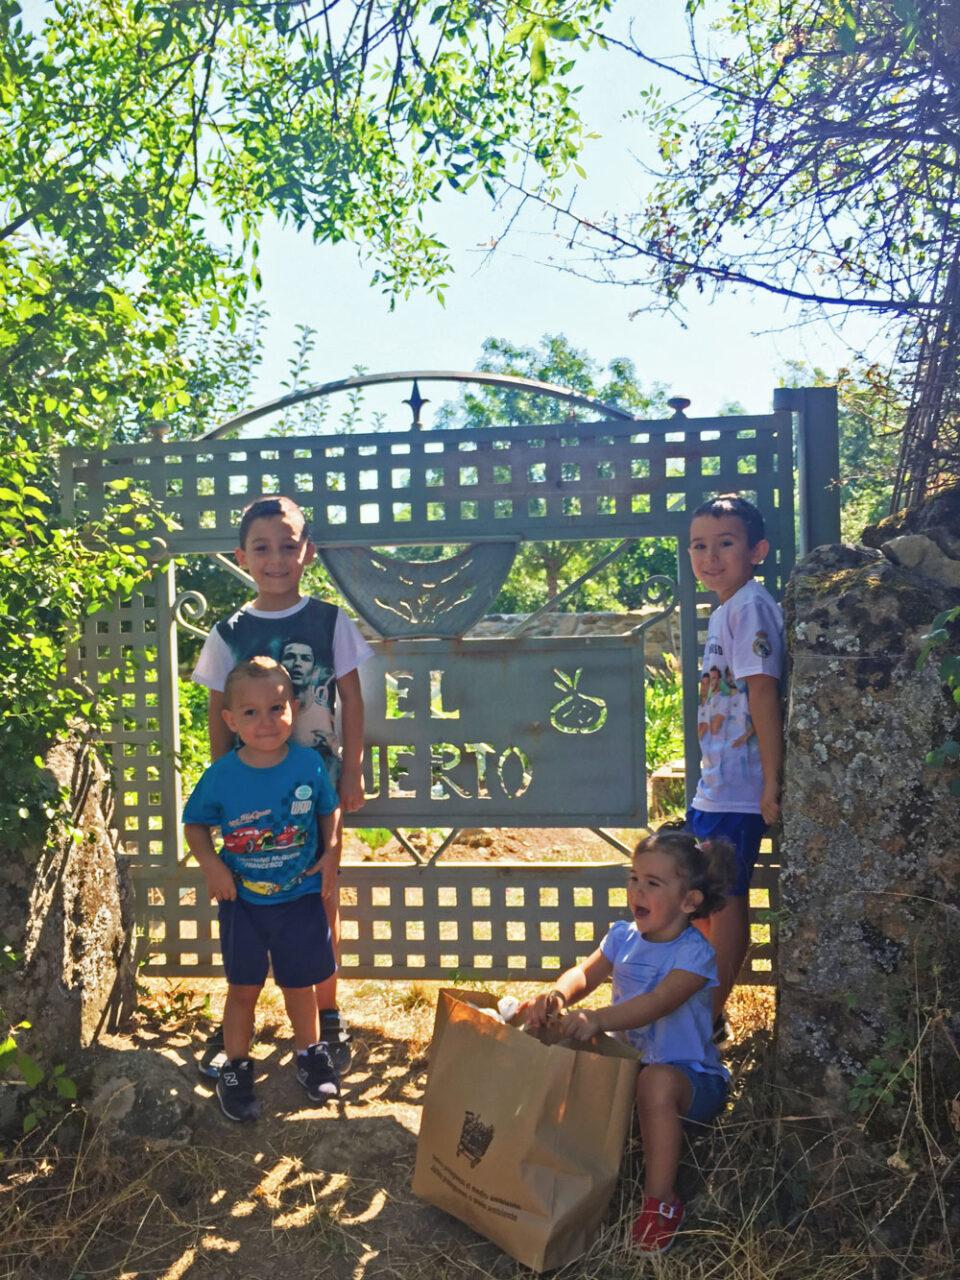 Dónde ir de vacaciones con niños en julio cerca de Madrid: ¡Agroturismo El Capriolo!